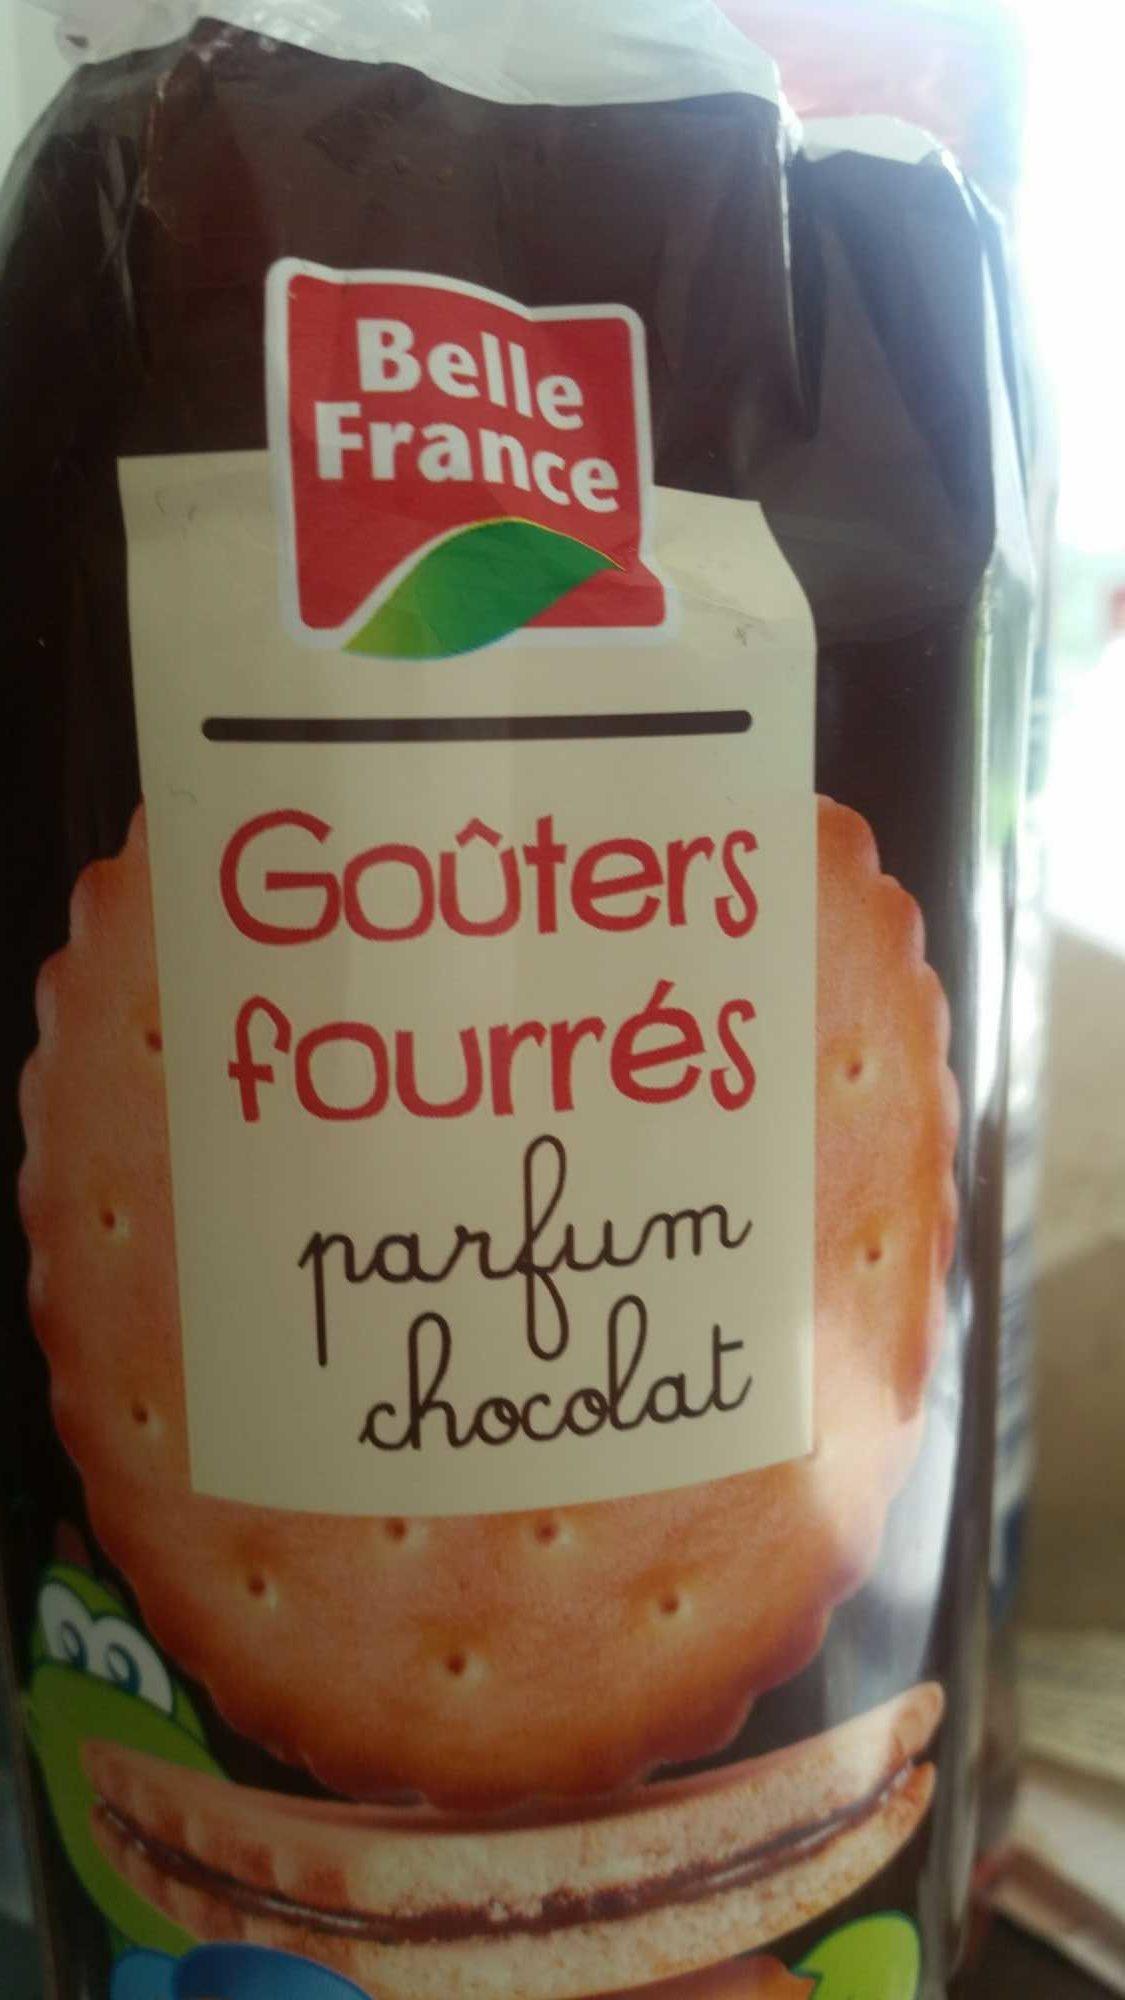 Goûters fourrés - Produit